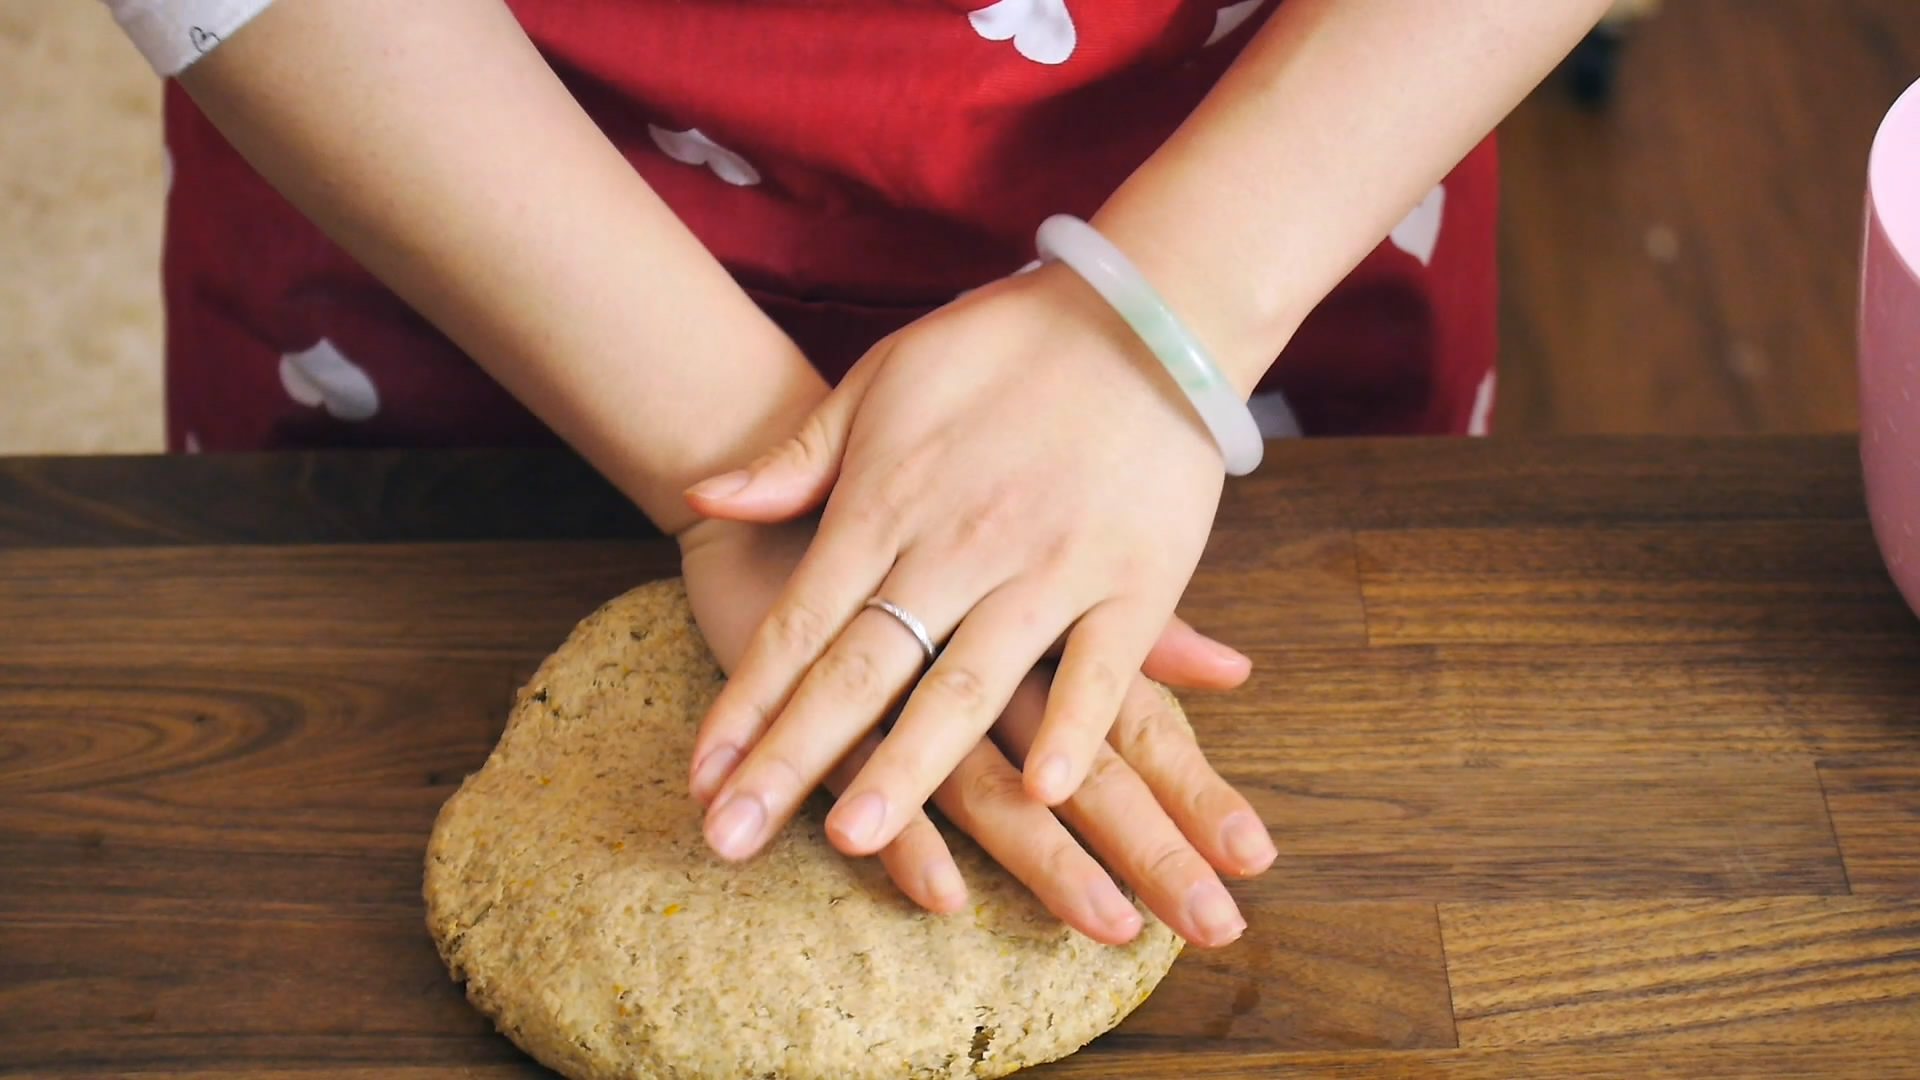 芬兰圣诞黑麦面包[00_04_49][20151224-063204-1]